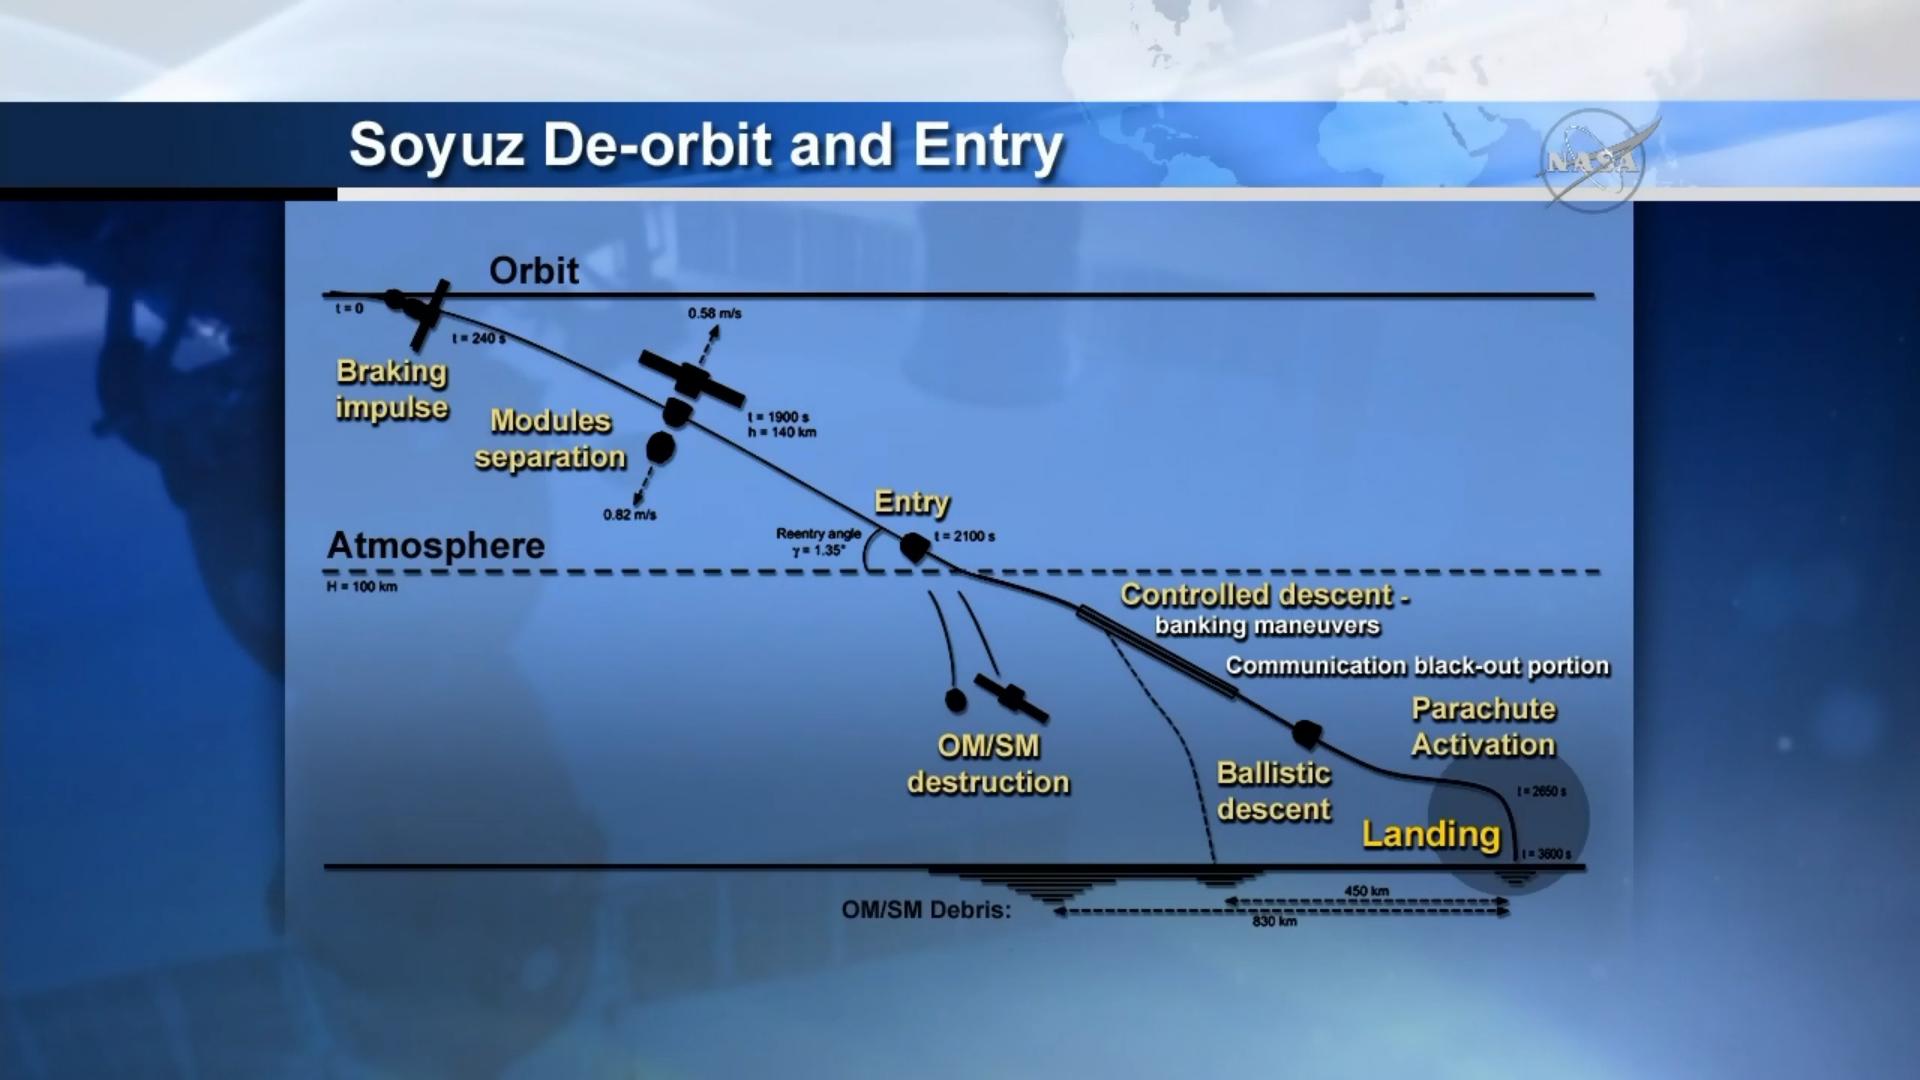 Profile de désorbitation et de rentrée atmosphérique de Soyouz